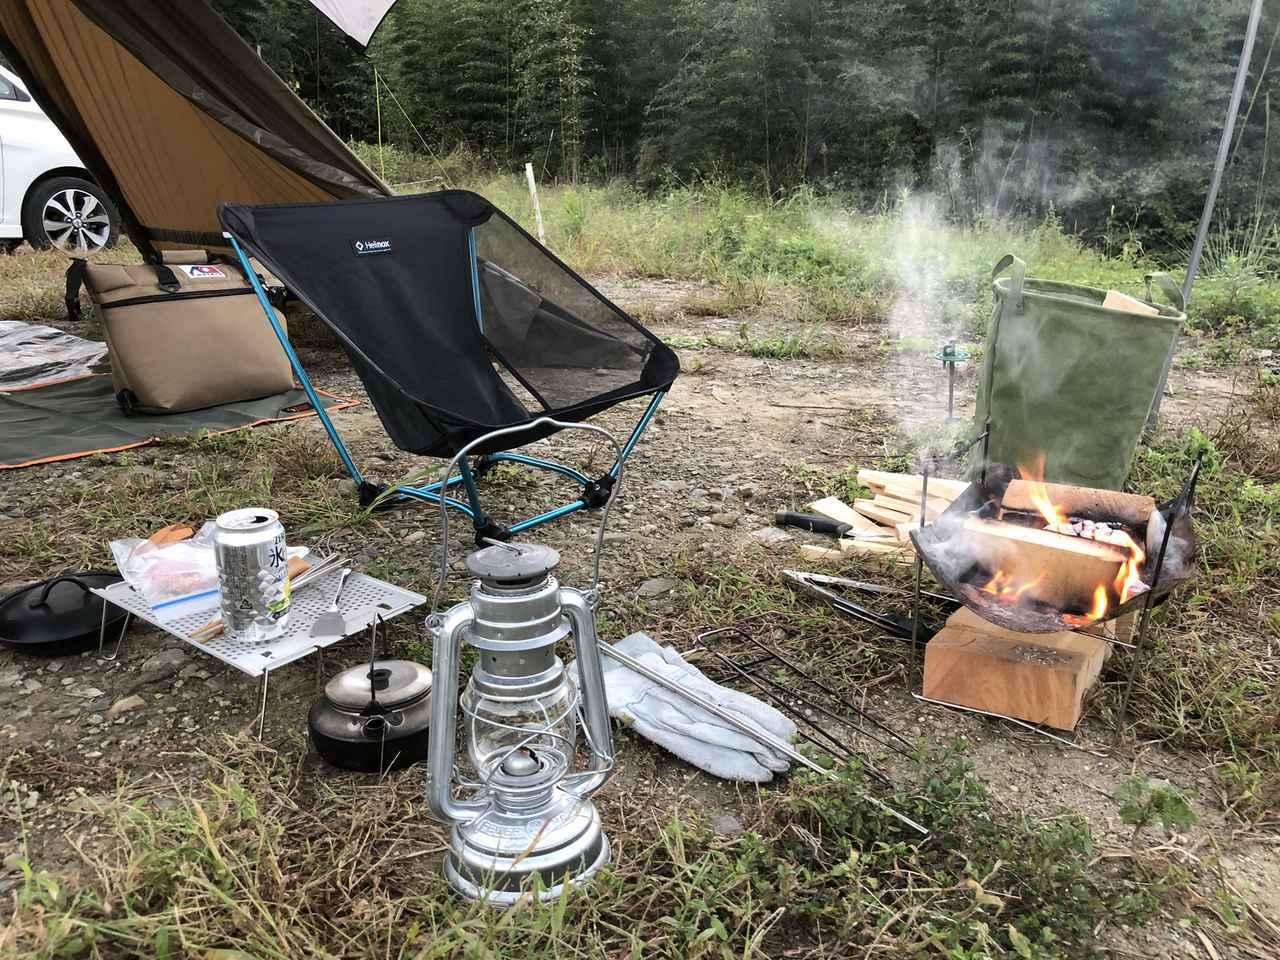 画像: ソロキャンプは初心者でも楽しめる! テントや道具をそろえて、今年こそデビューしよう!